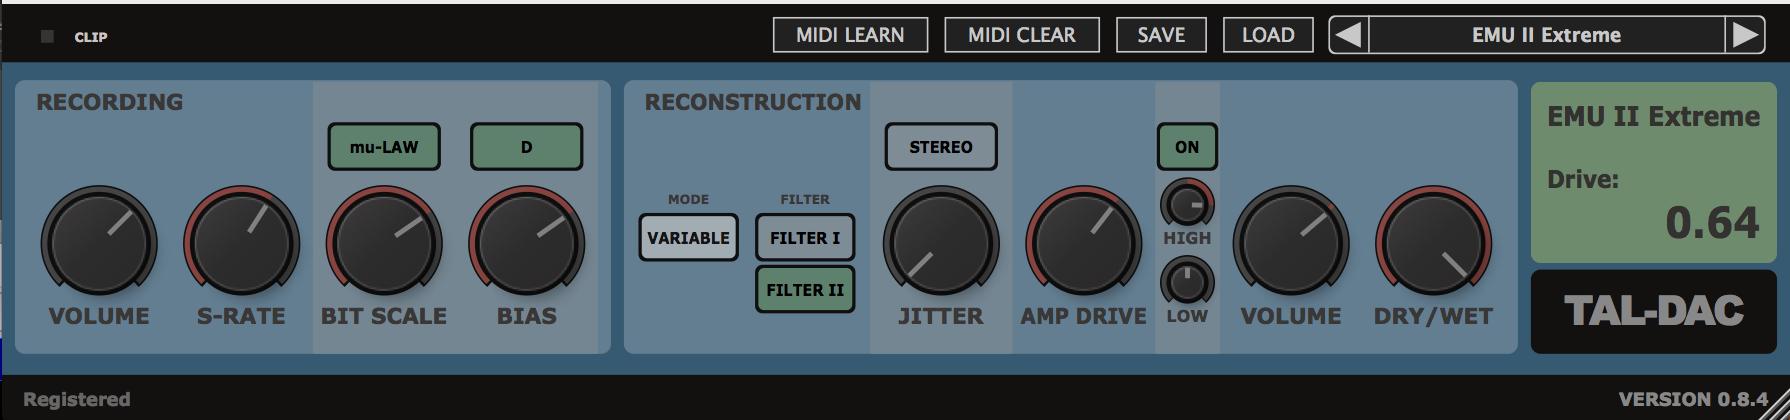 TAL-DAC - KVR Audio